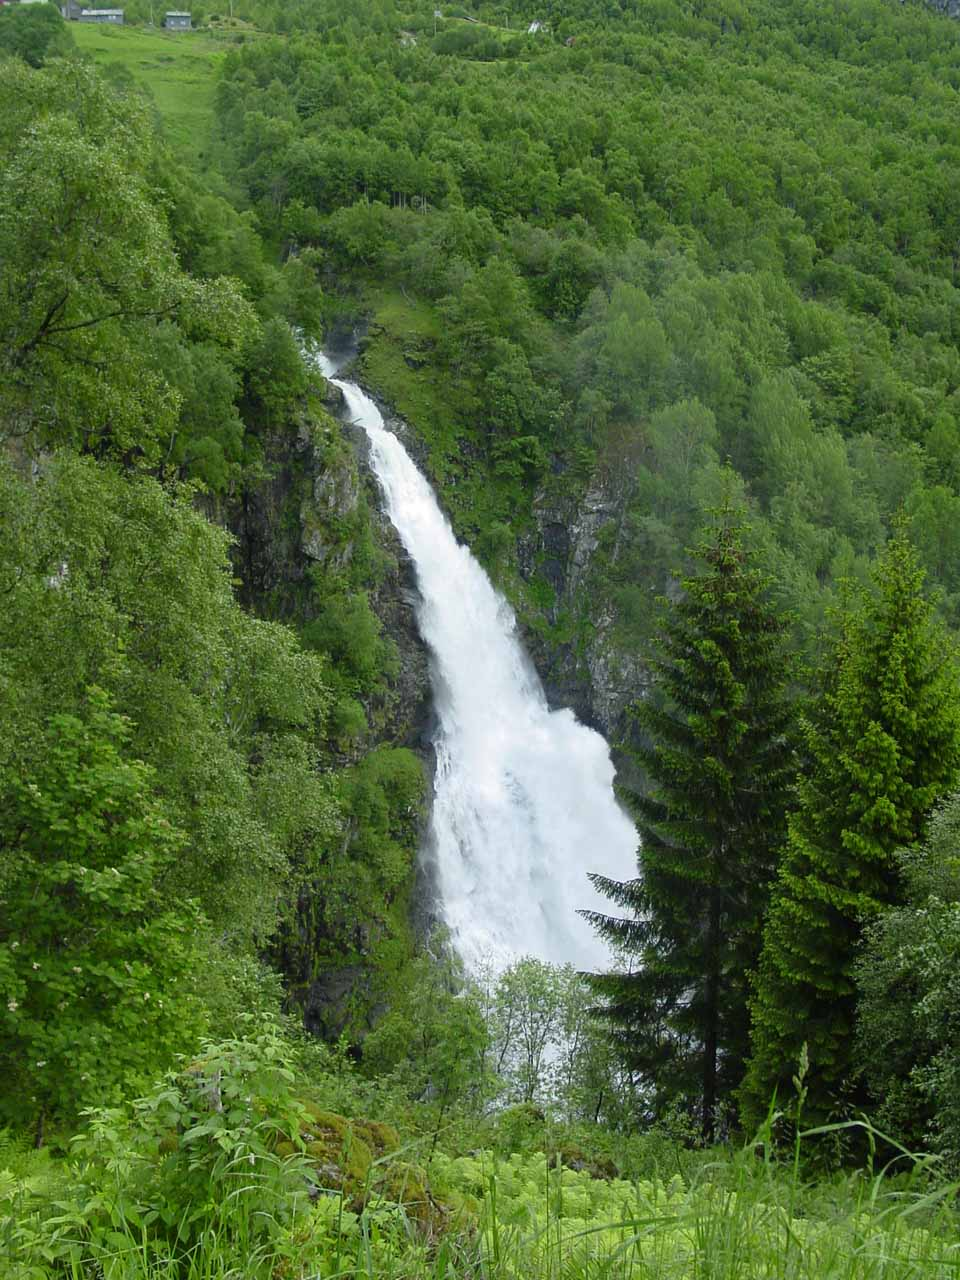 This was the companion waterfall to Stalheimsfossen on the Stalheimskleiva called Sivlefossen